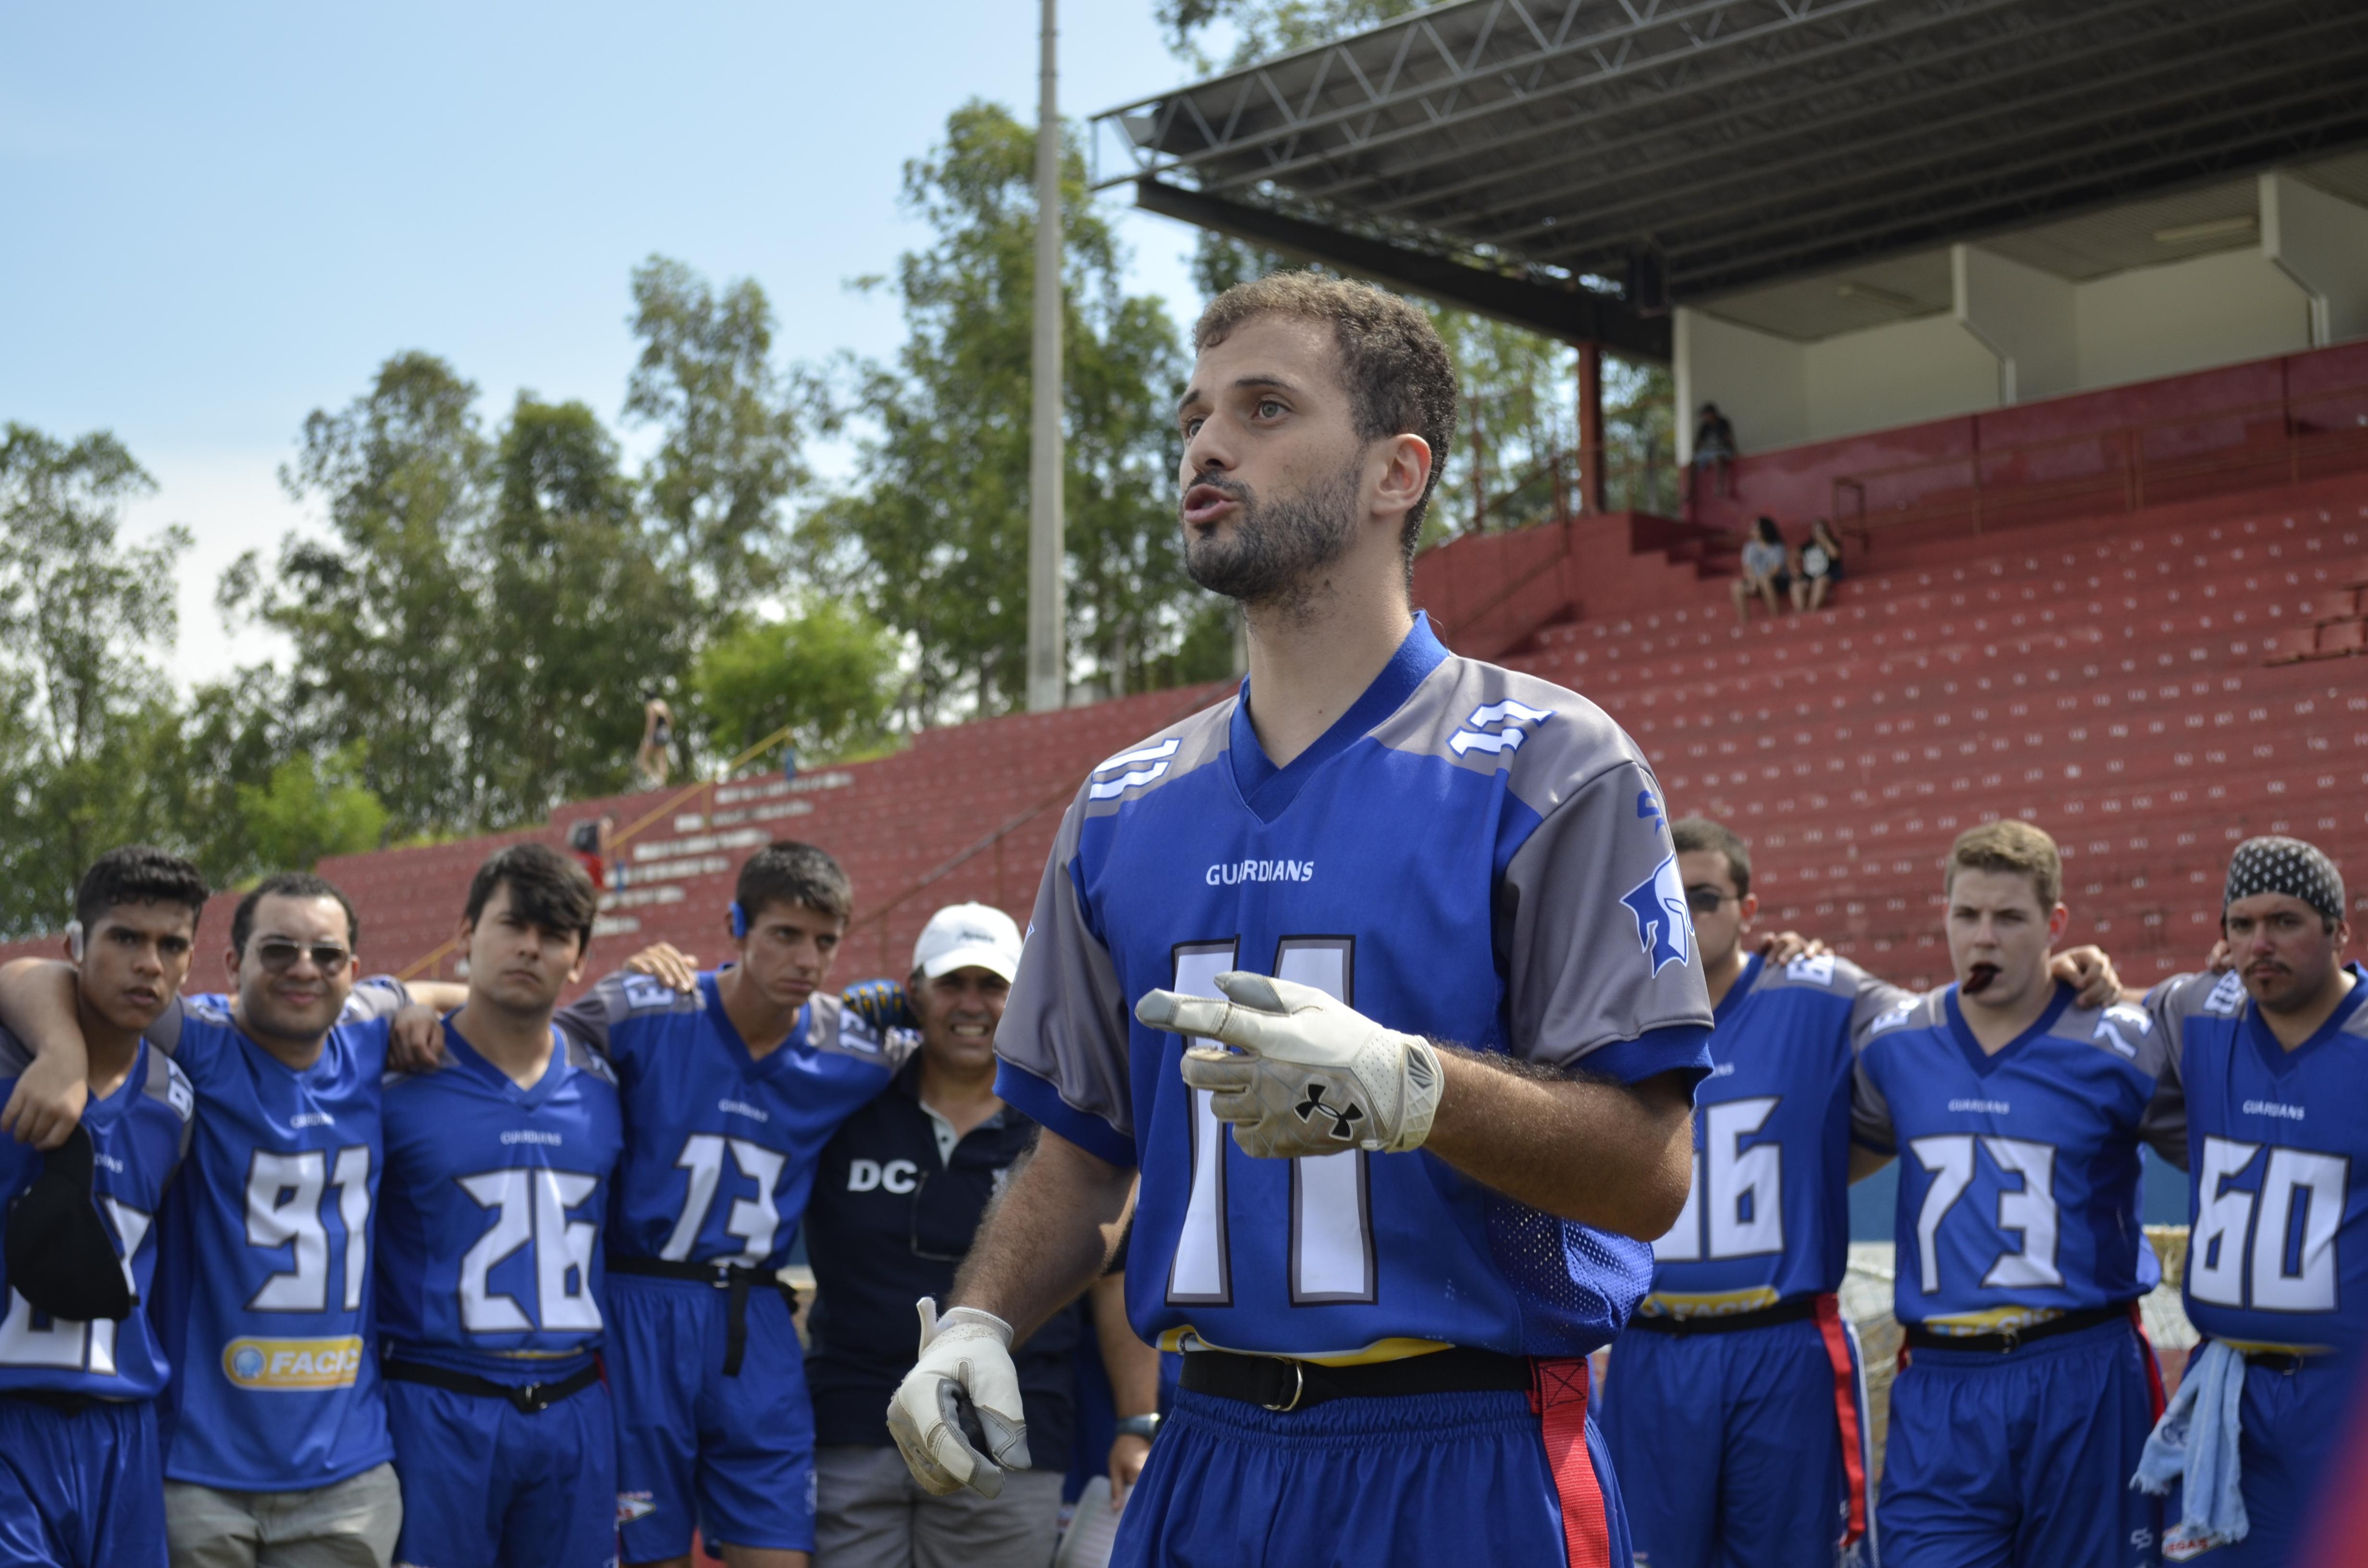 Bruno Monção (centro), líder dos Guardians, novo campeão do Vale (Foto: Leandro Oliveira)